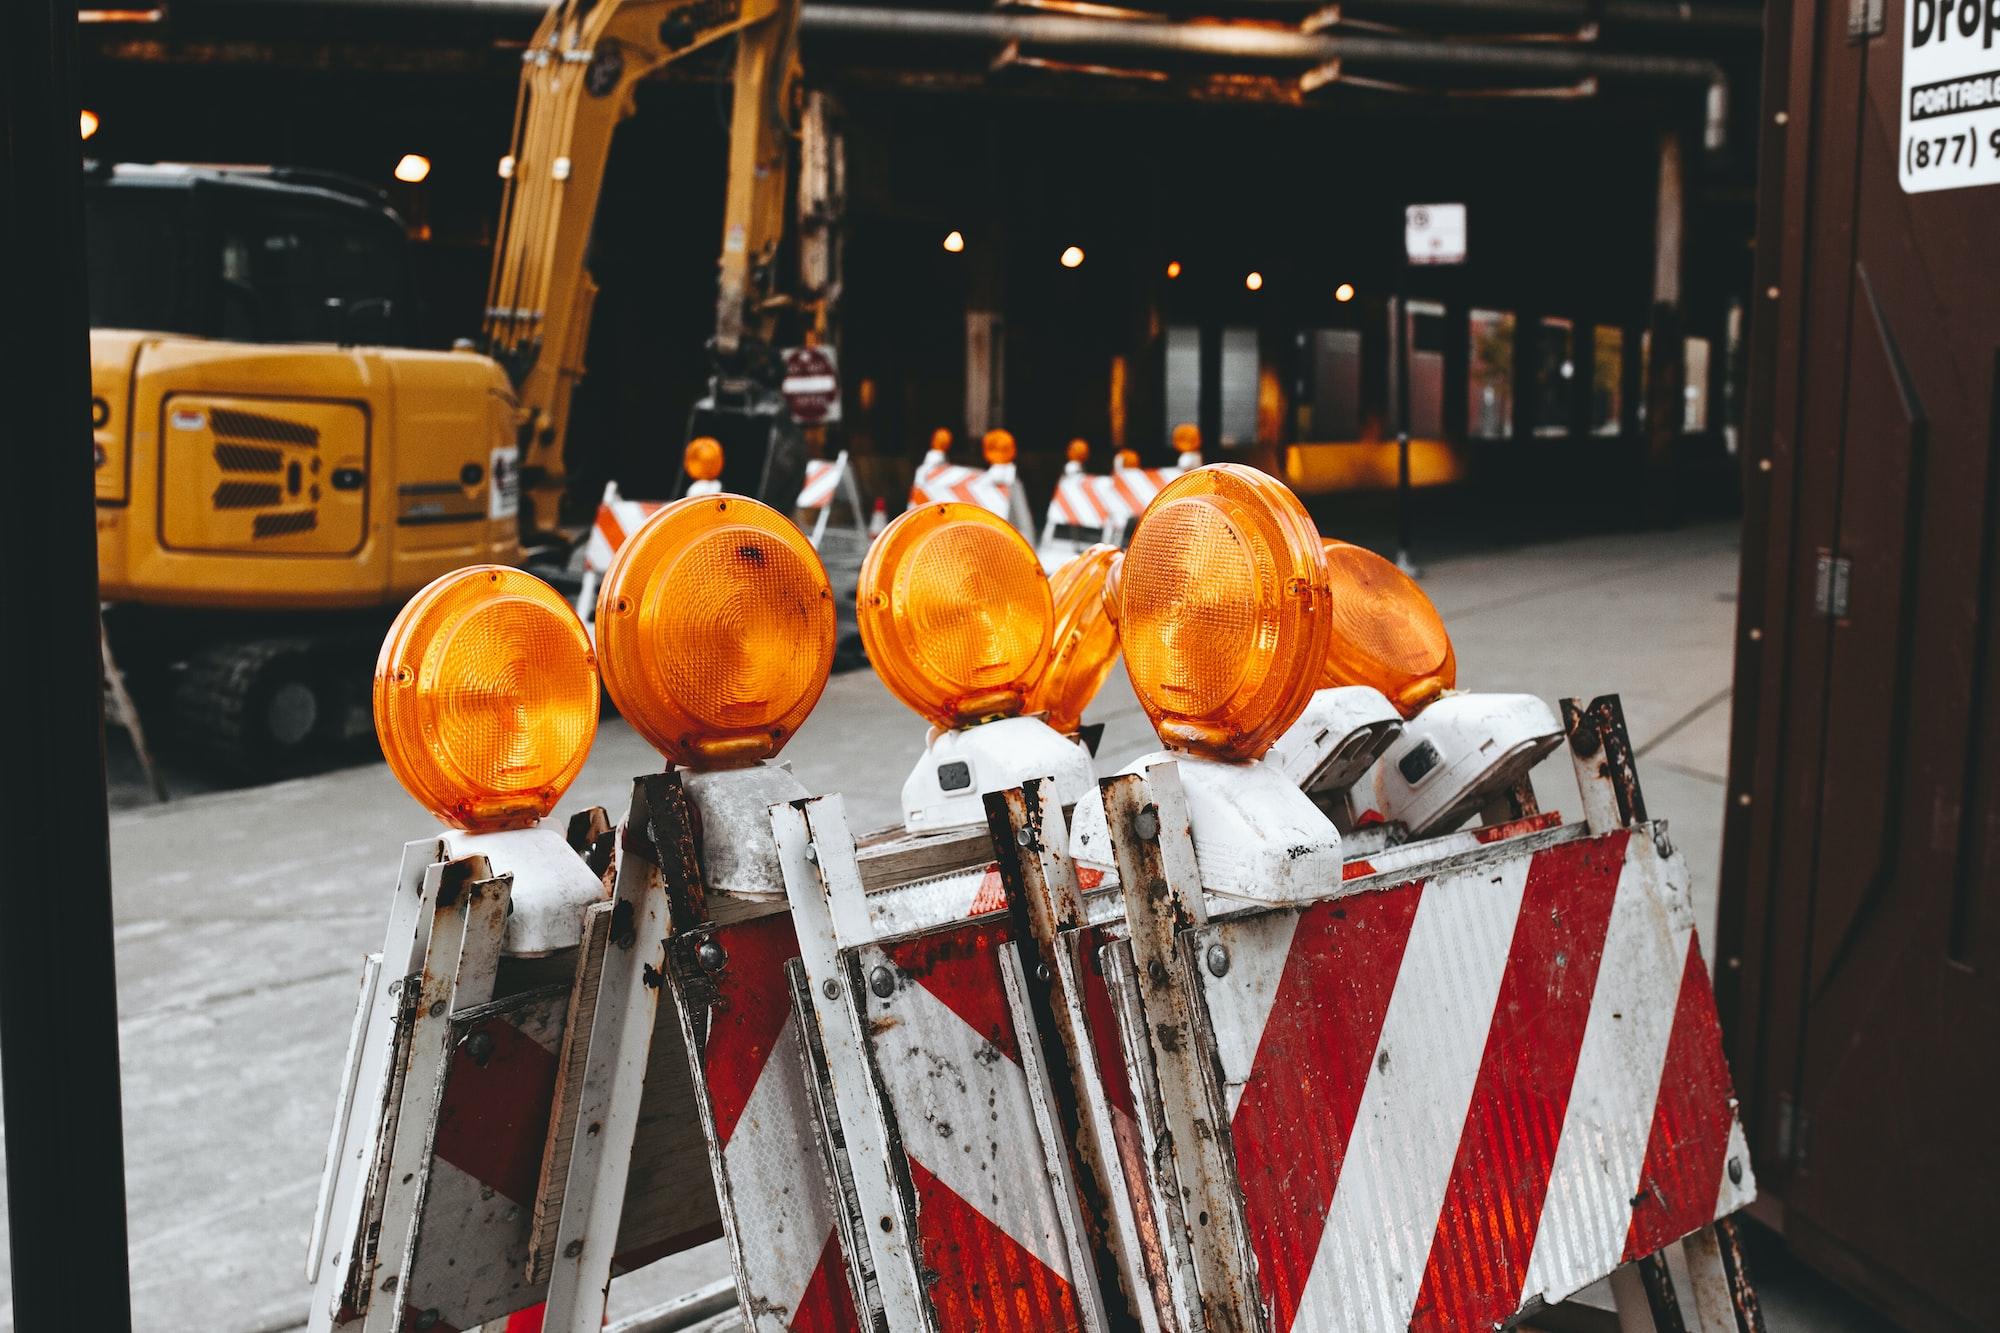 Termin zum Baustellengespräch und die TK-Versorgung